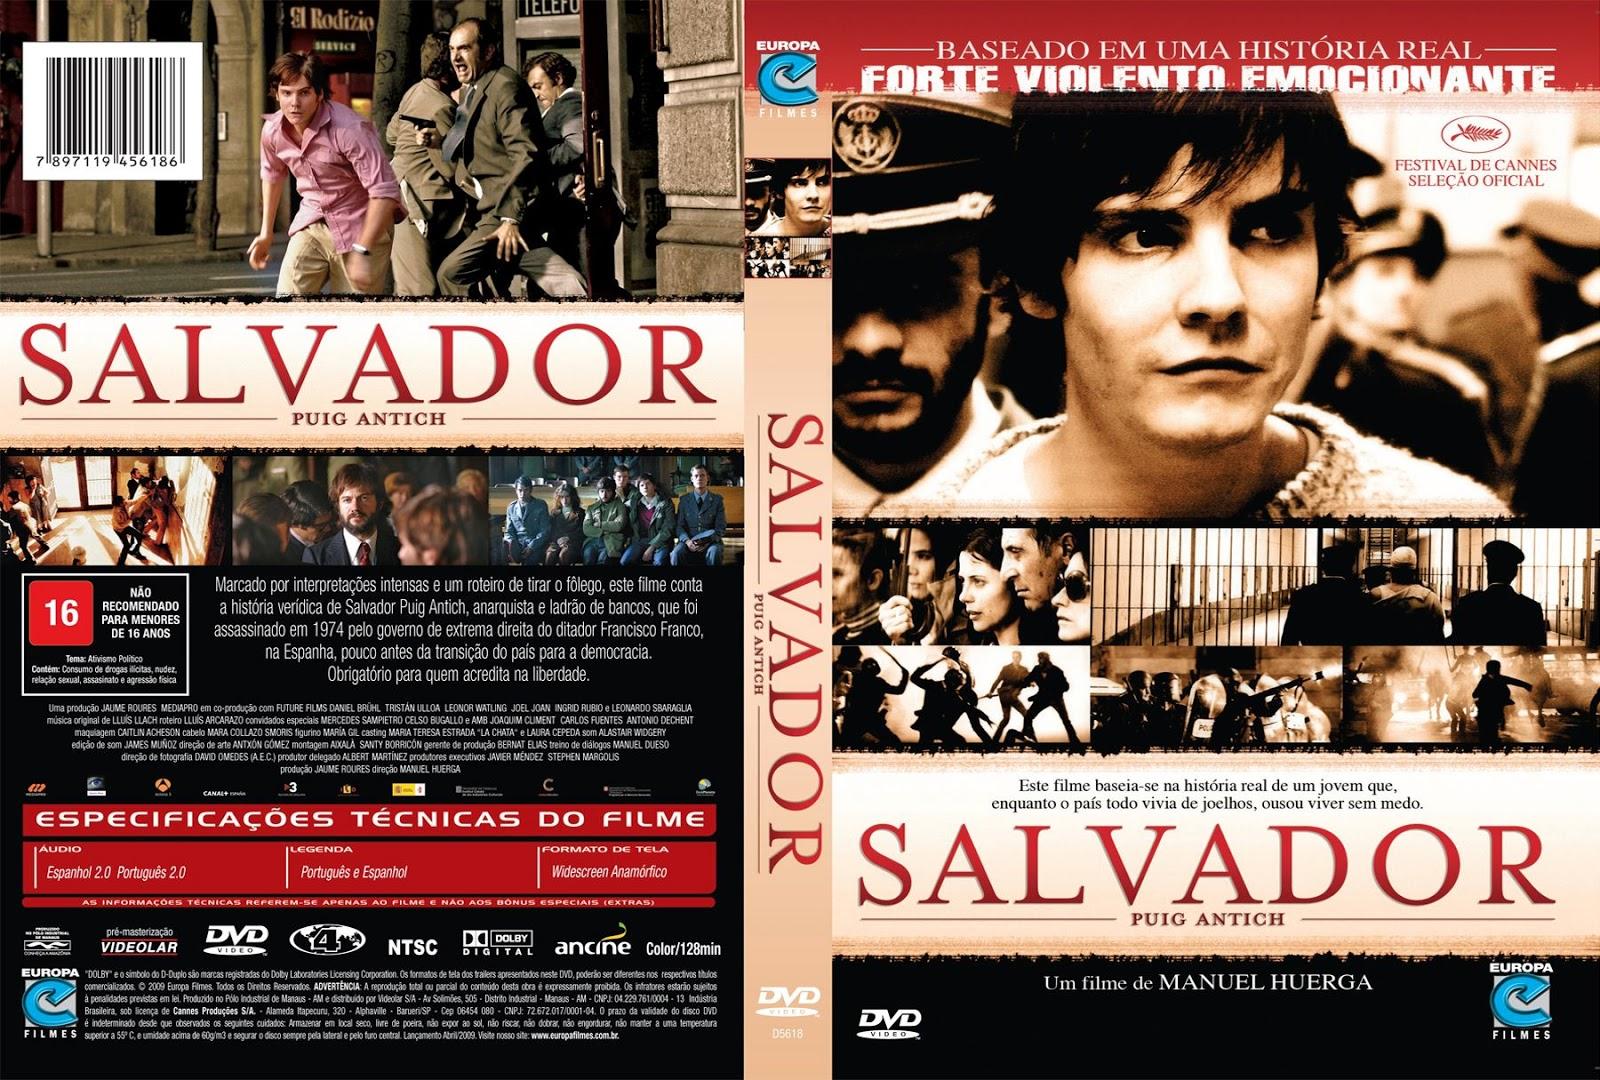 Capa DVD Salvador (Puig Antich)